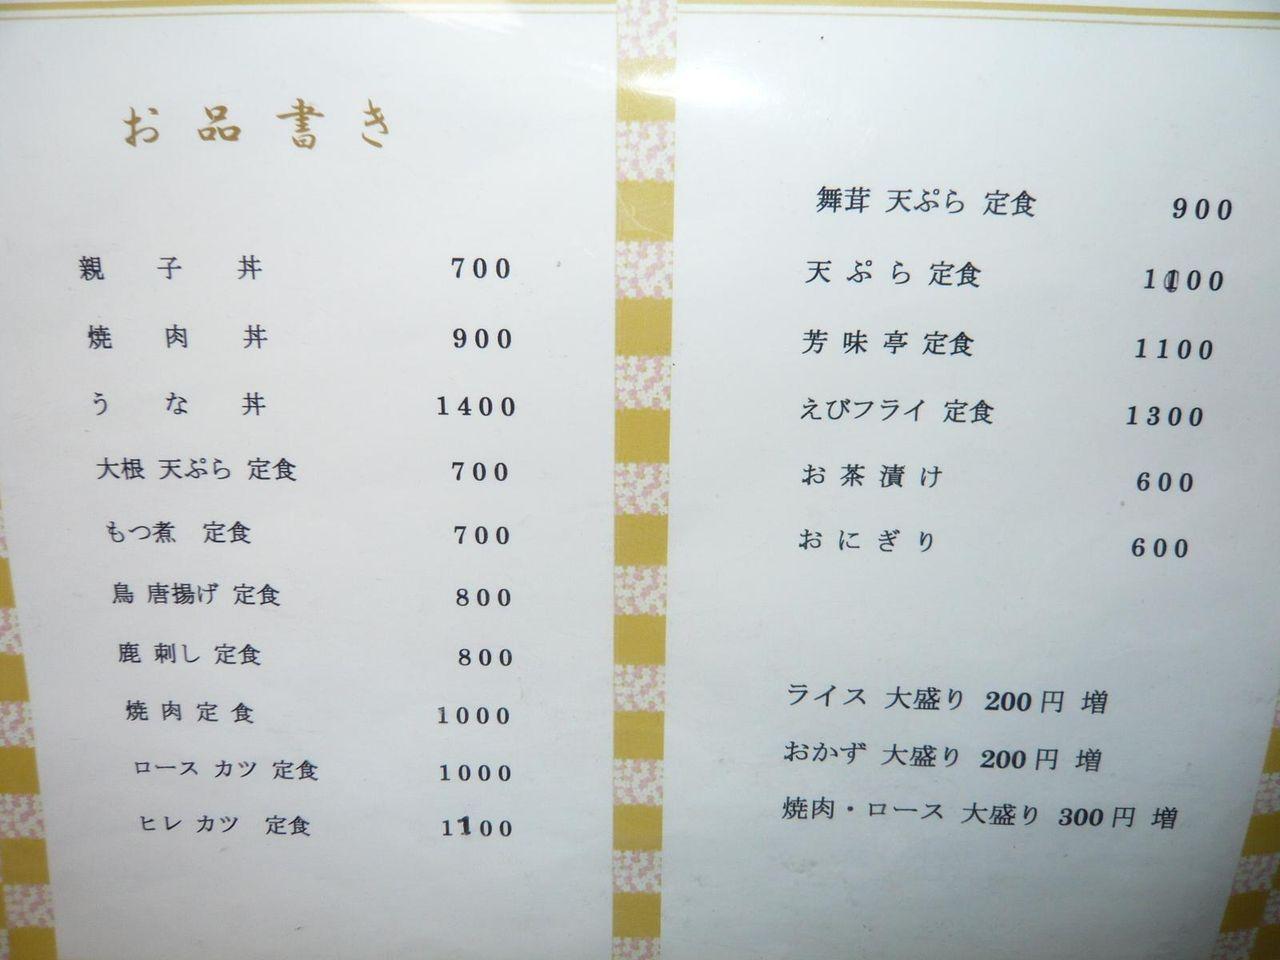 芳味亭のメニュー(22年9月現在)